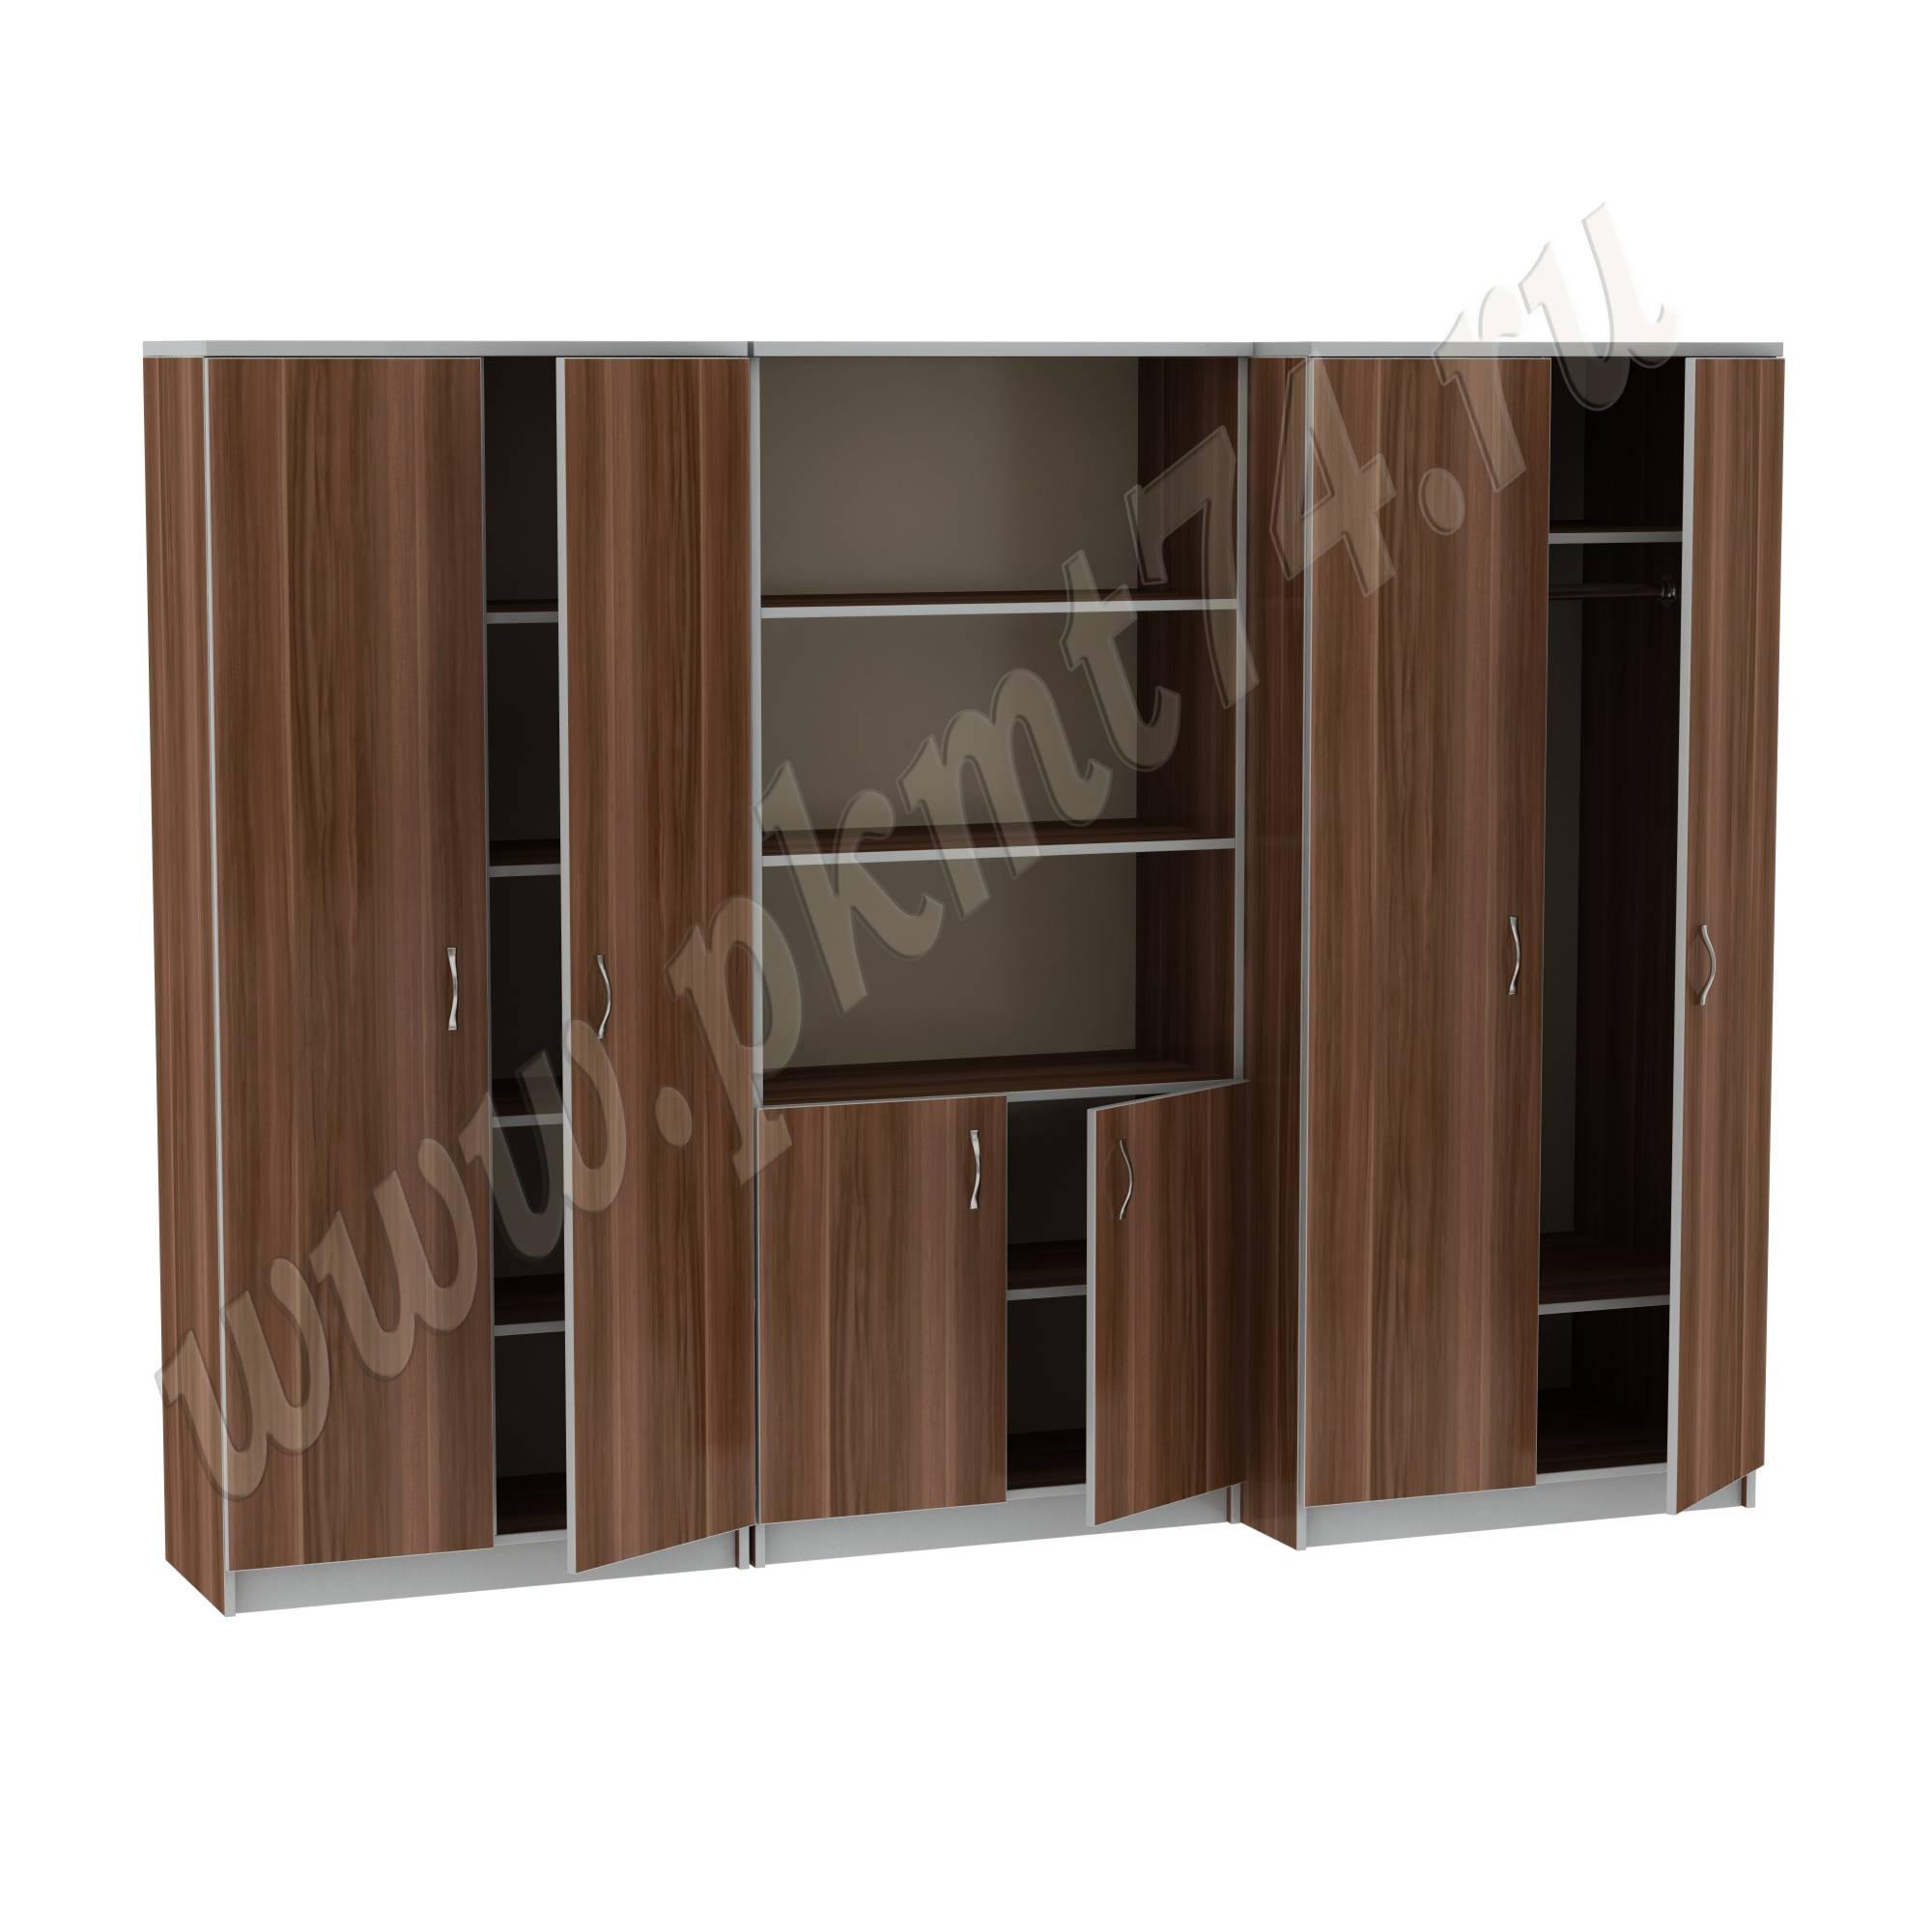 Секция из трех шкафов для офиса 14-34-1 Офис Слива-Алюминий